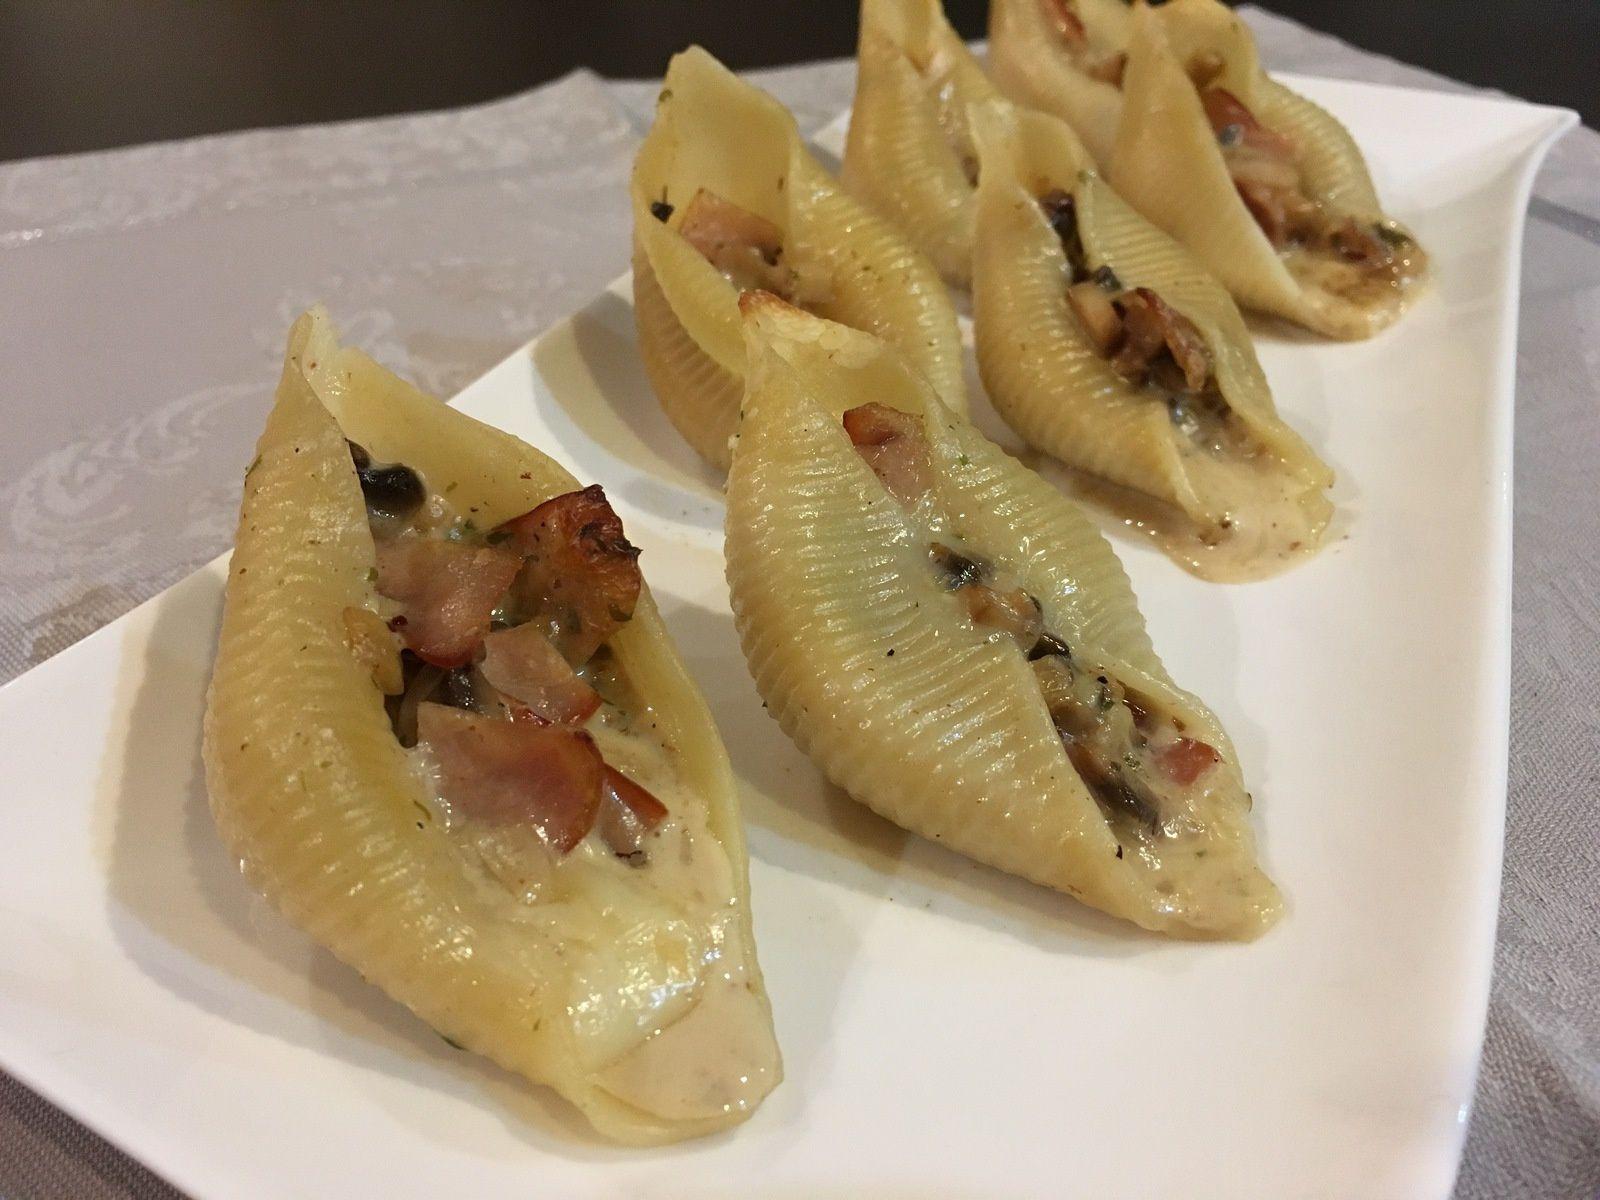 Conchiglioni farcis au Reblochon, bacon et champignons